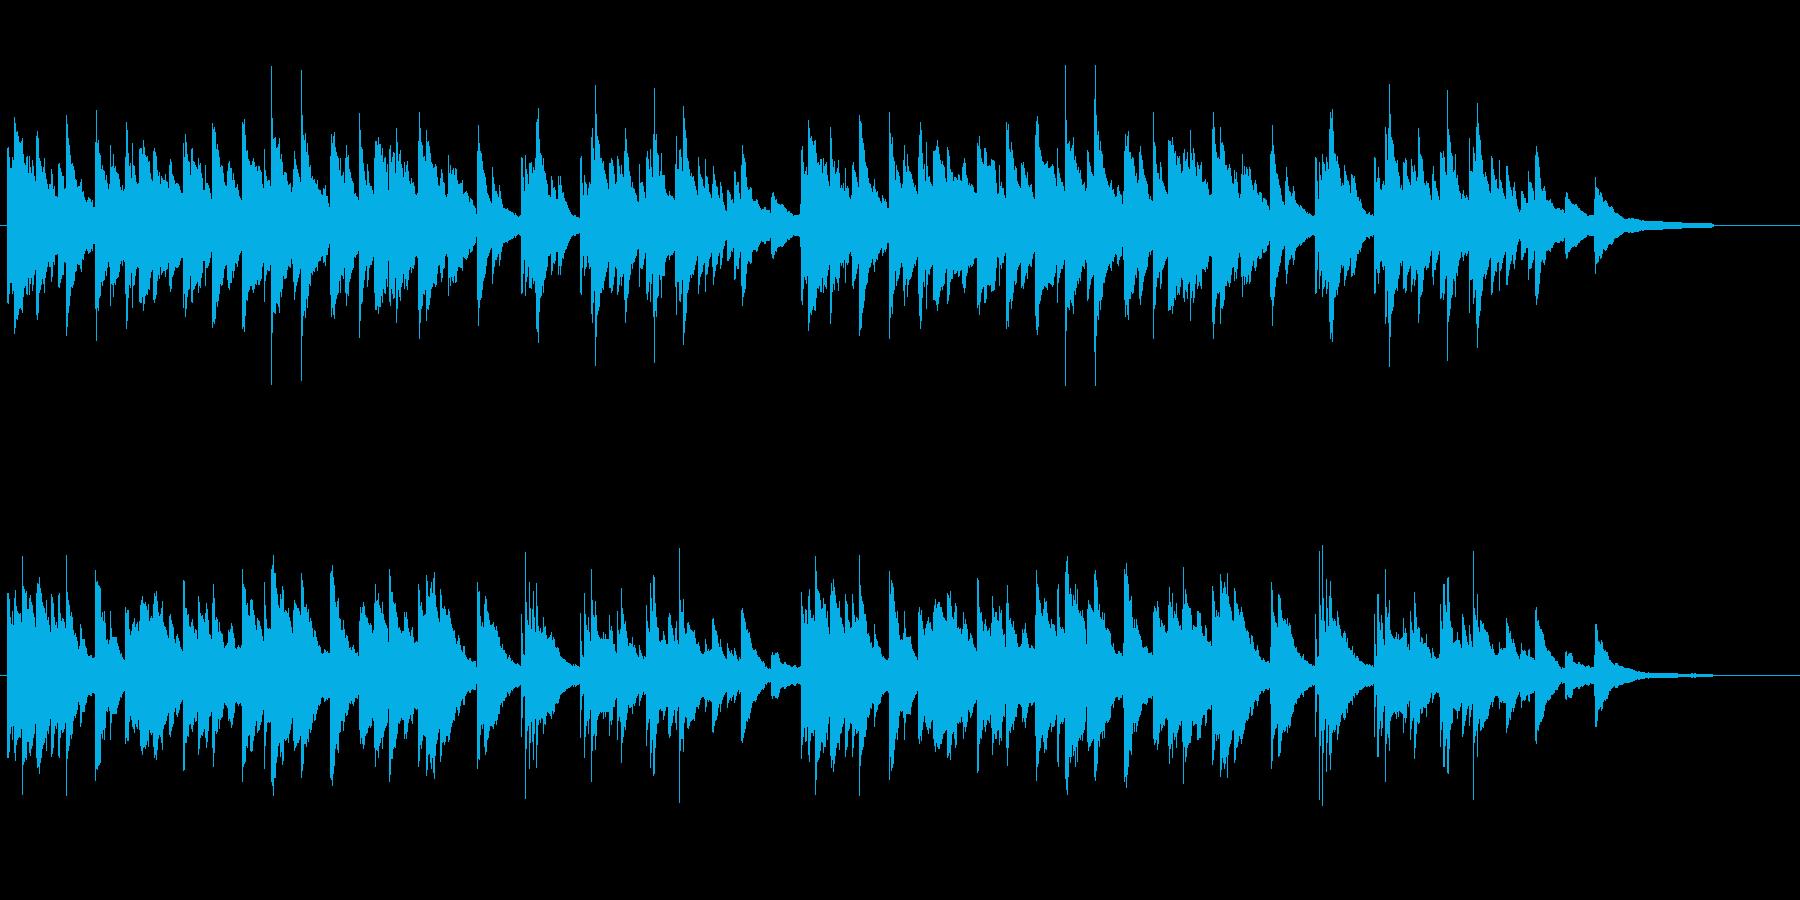 様々なシーンに映えるシンプルなピアノ曲の再生済みの波形